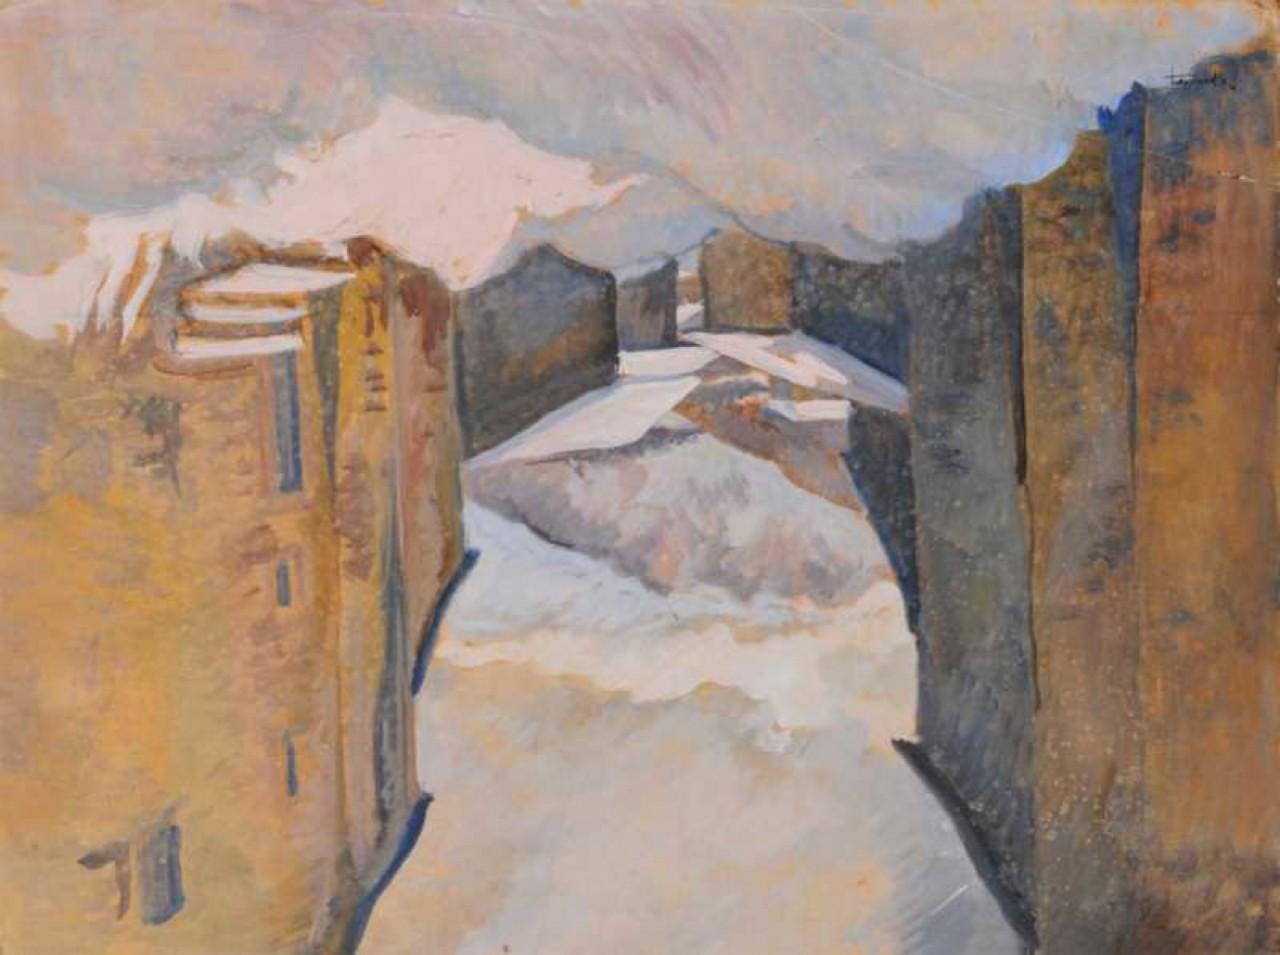 PERADON Pierre-Edmond Termignon (Savoie)